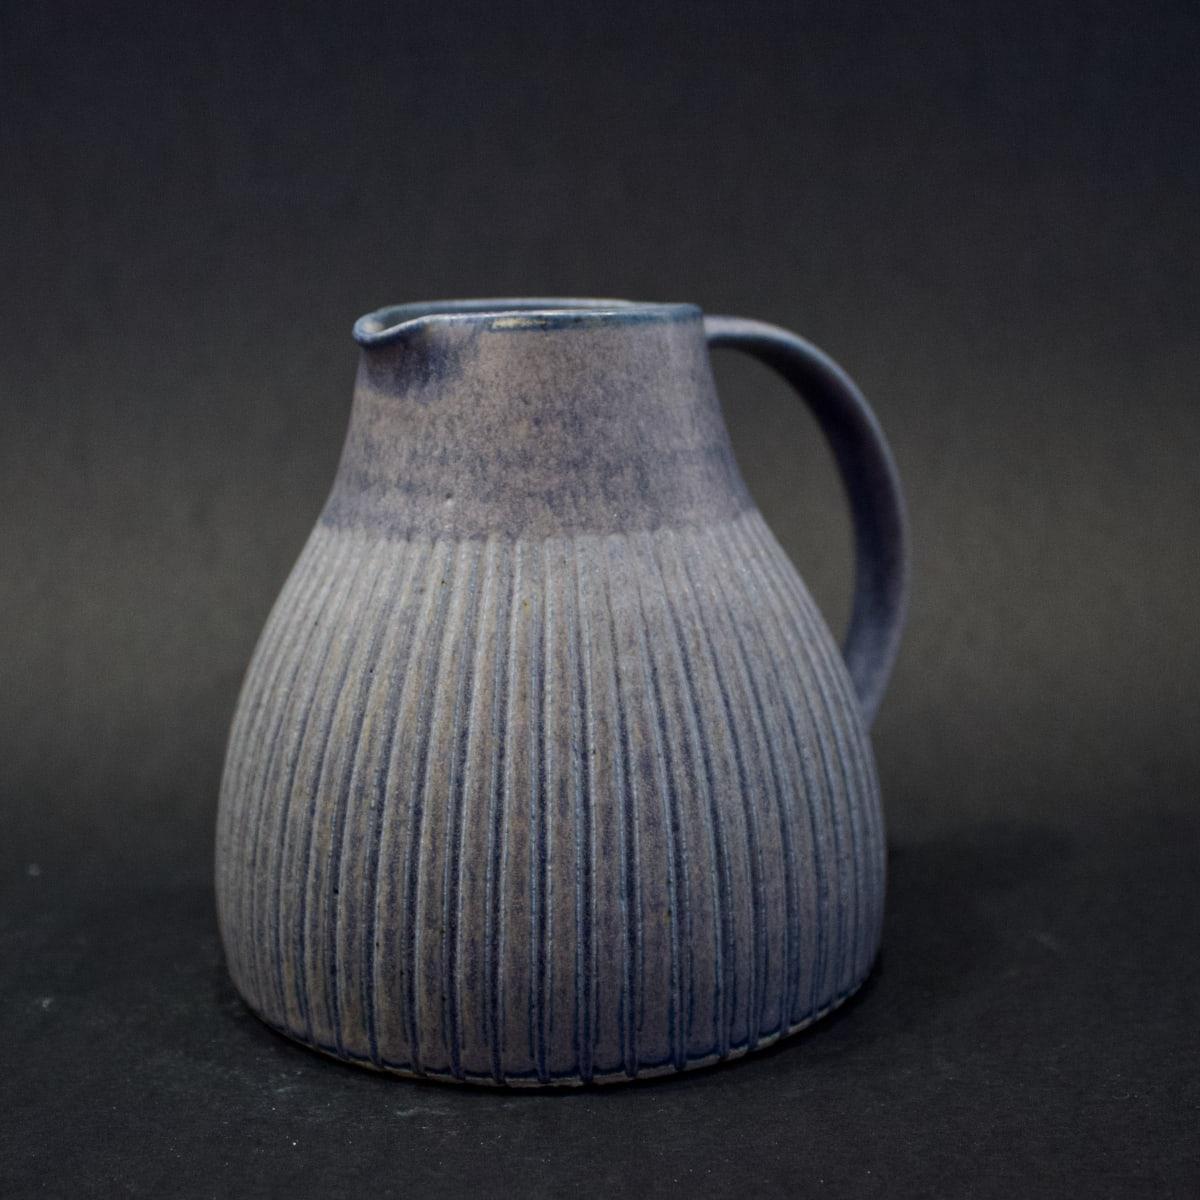 Kate Garwood Squat Purple Jug, 2019 Ceramic 12 x 14 x 12 cm 4 3/4 x 5 1/2 x 4 3/4 in